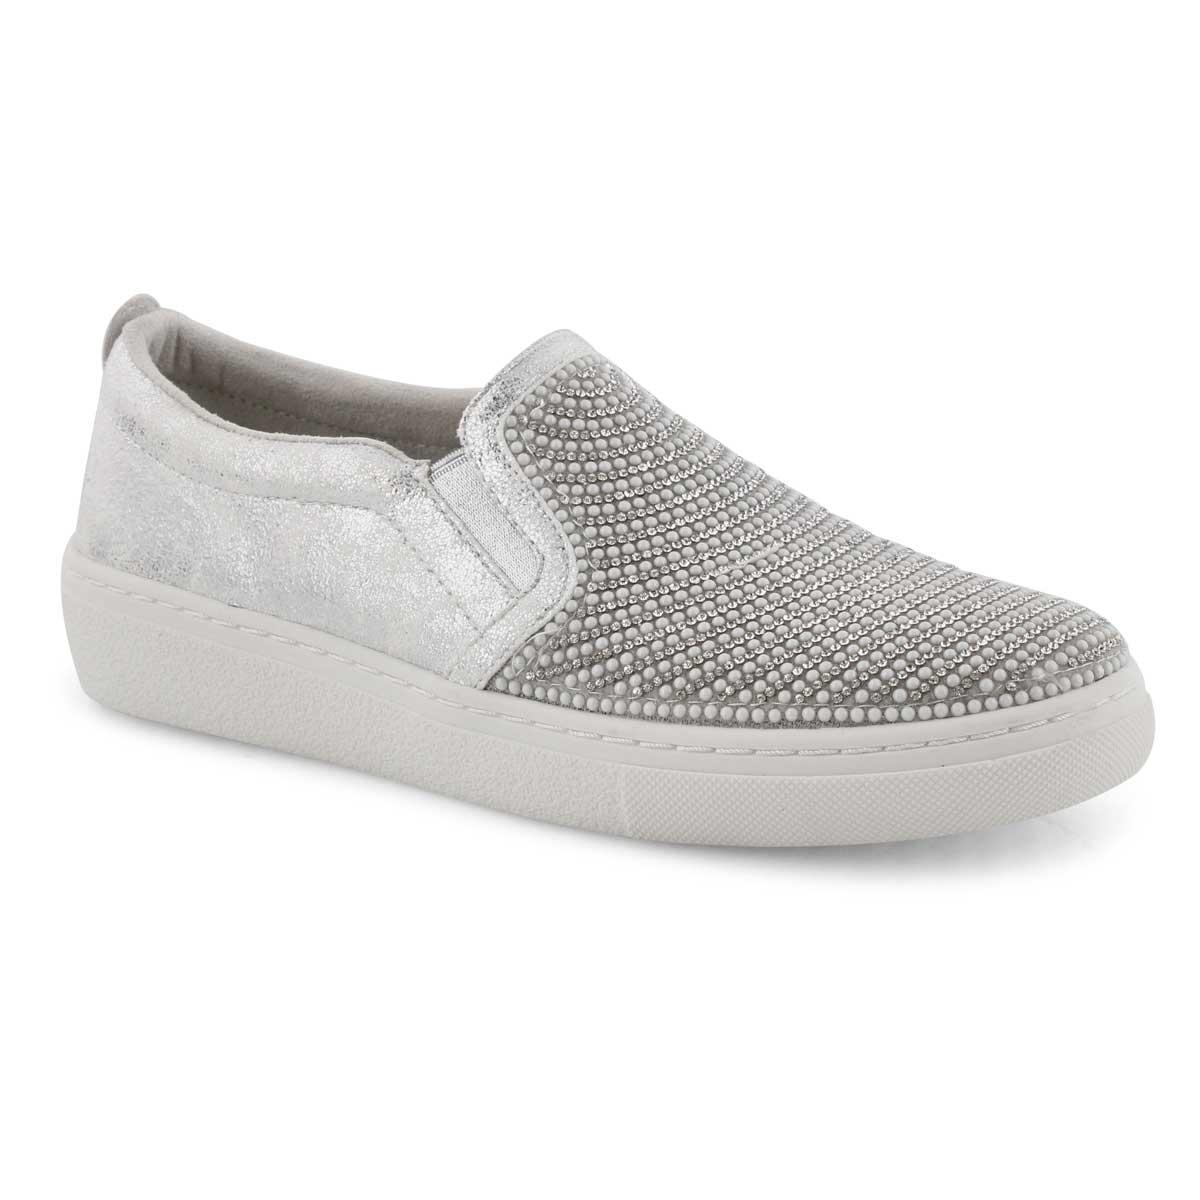 skechers women's slip on sneakers